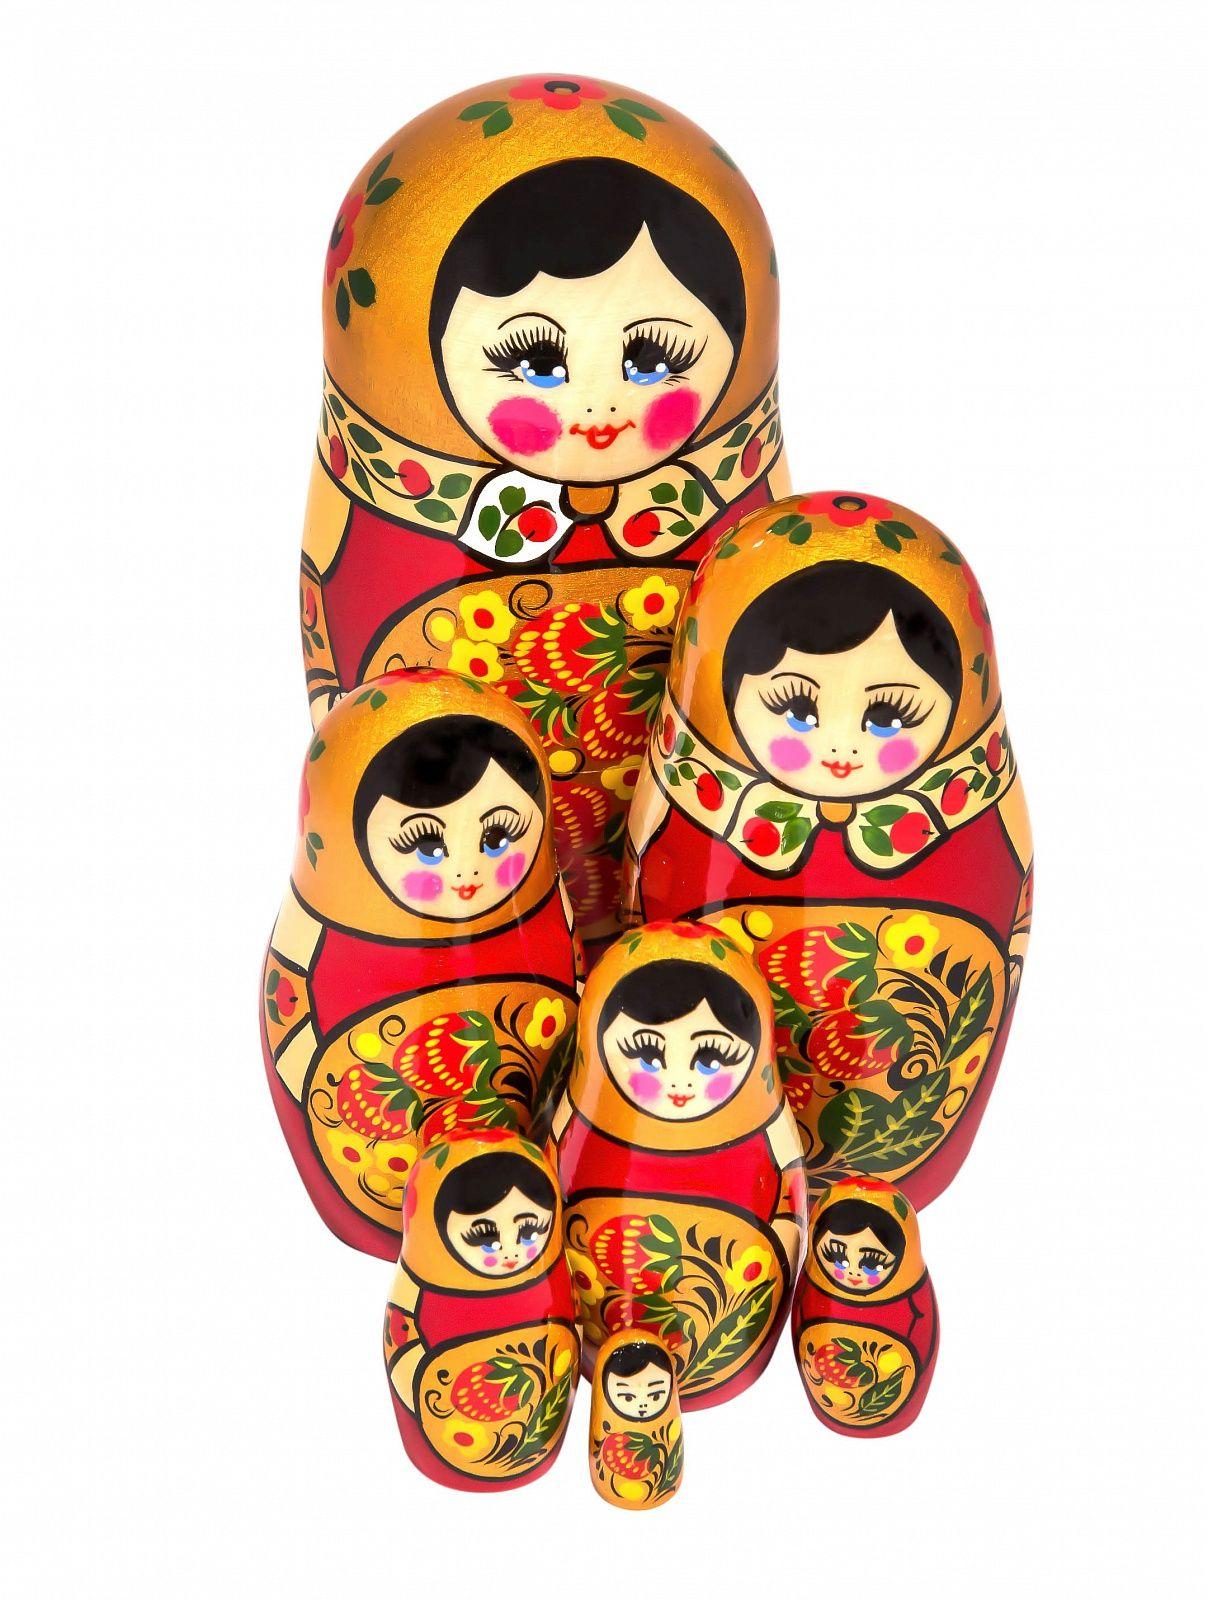 Khokhloma painting / Matryoshka Khokhloma 7 dolls